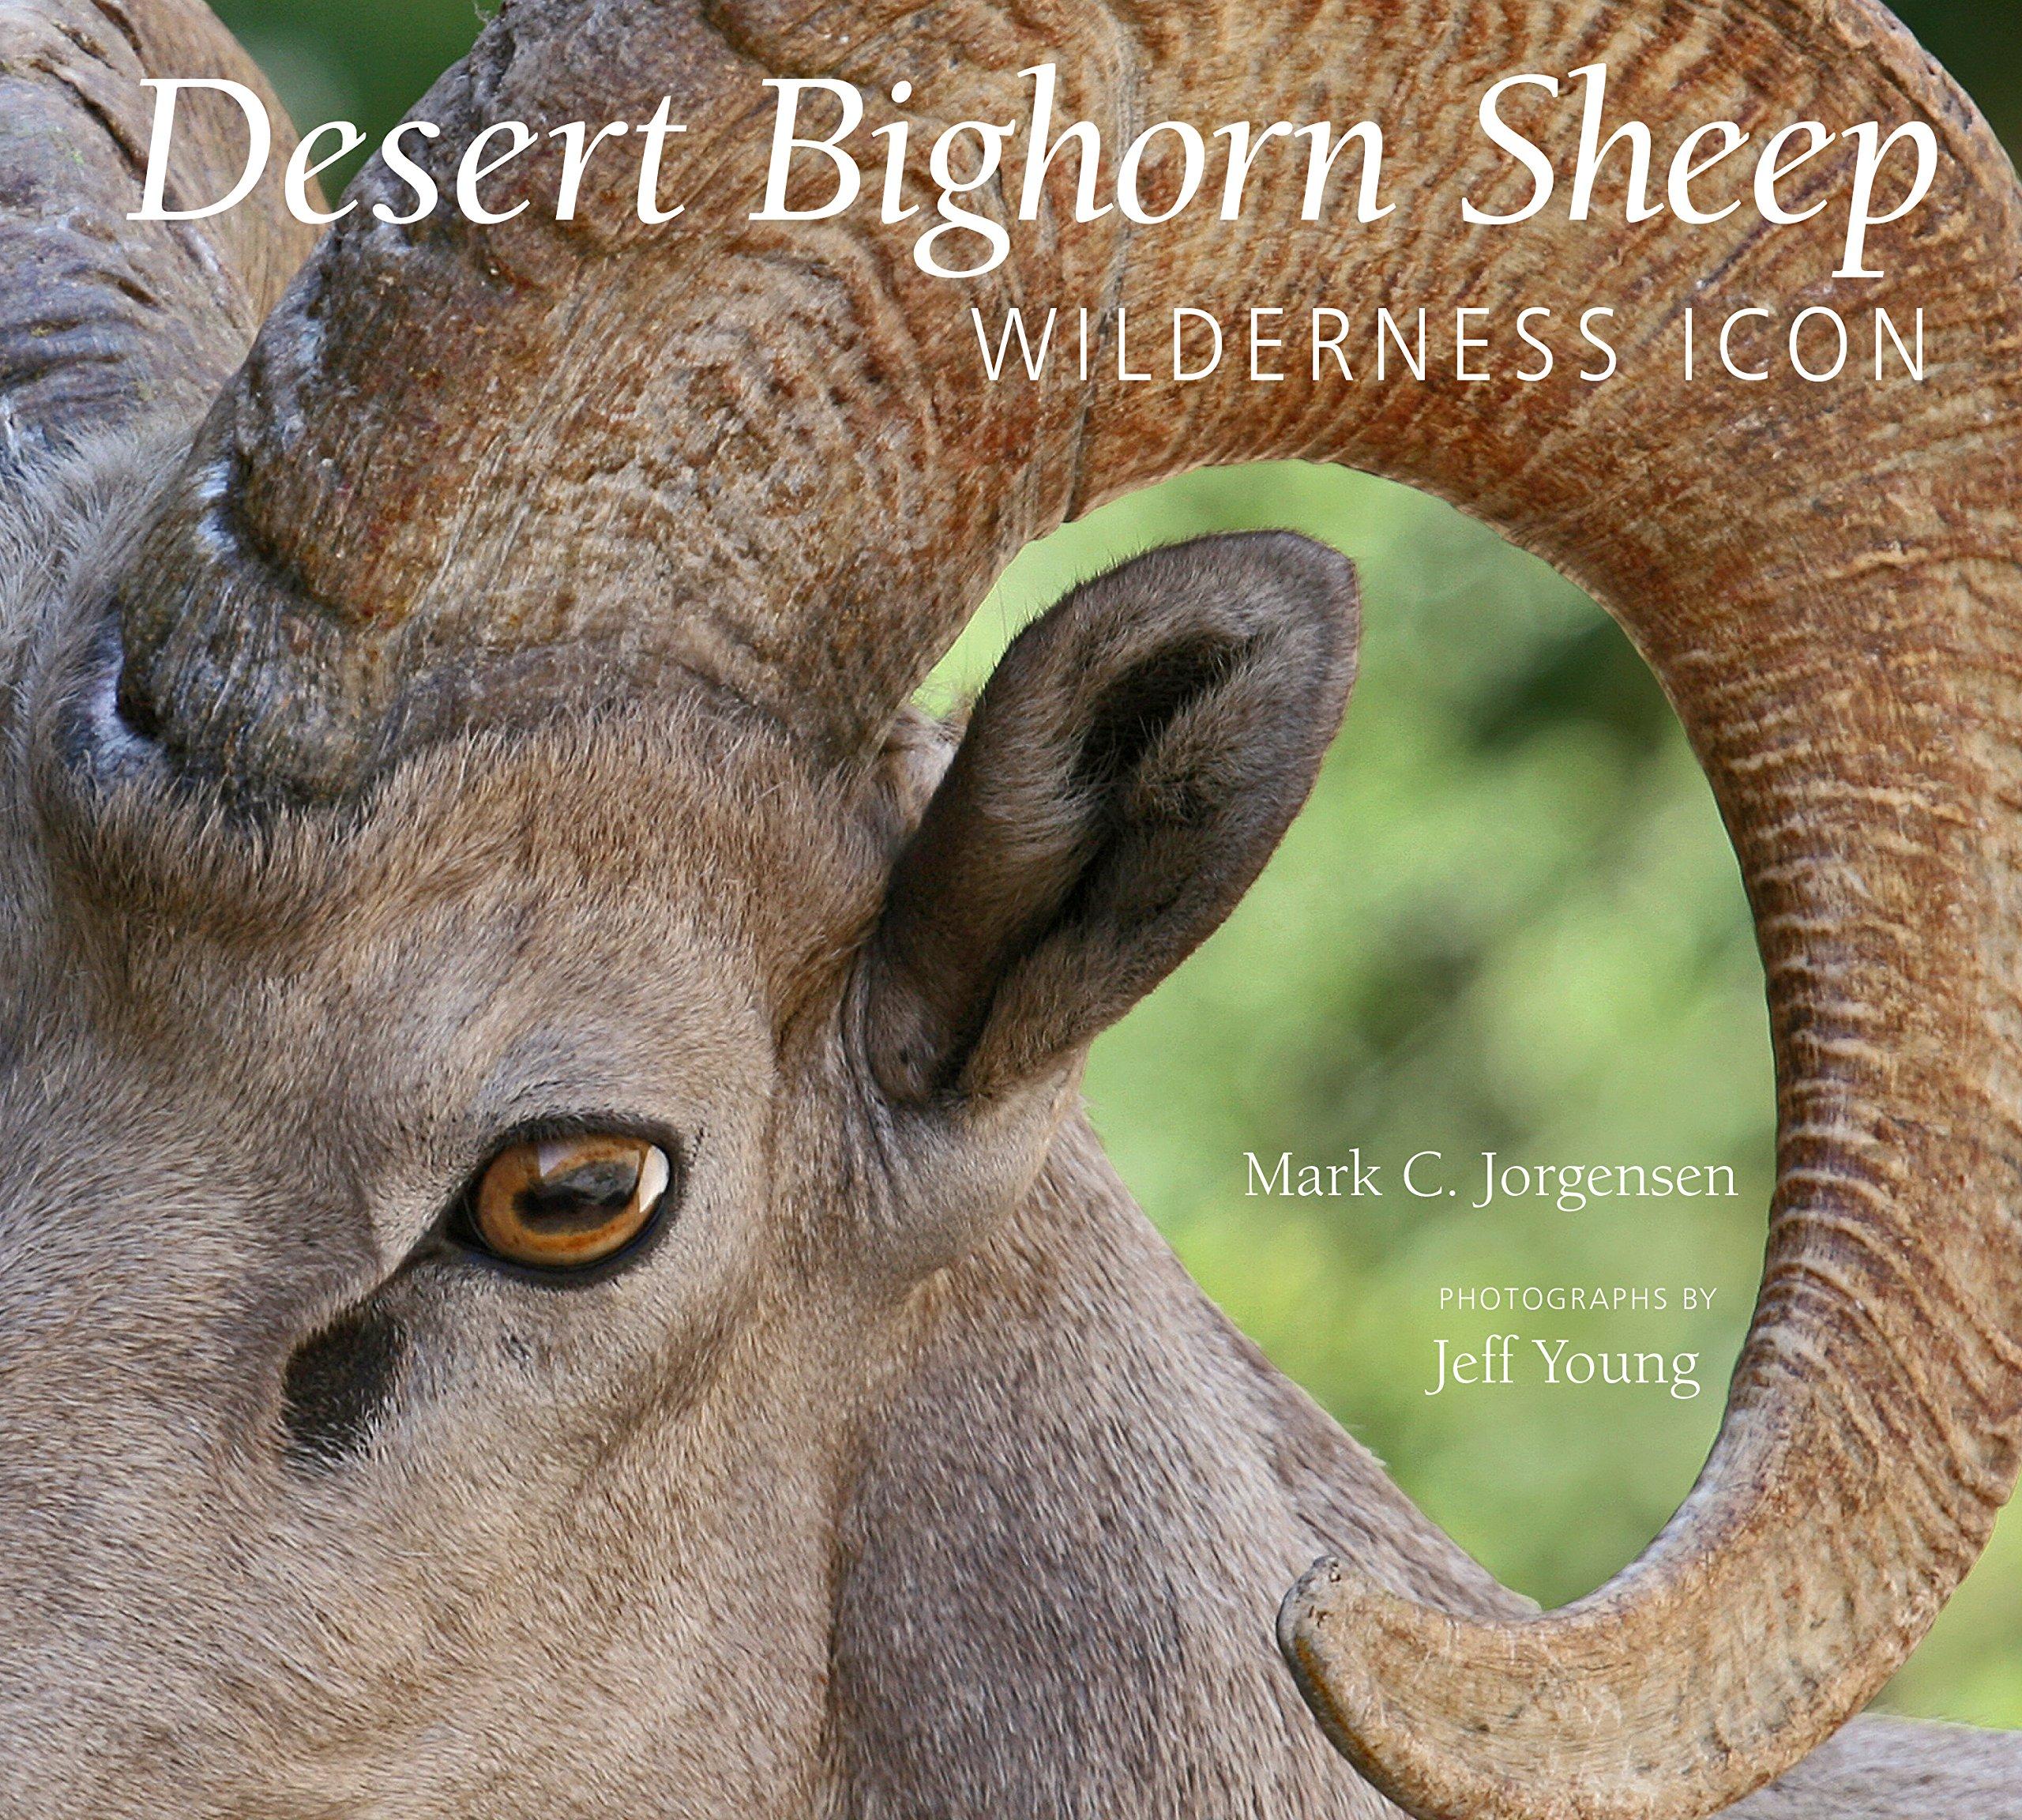 Desert Bighorn Sheep: Wilderness Icon